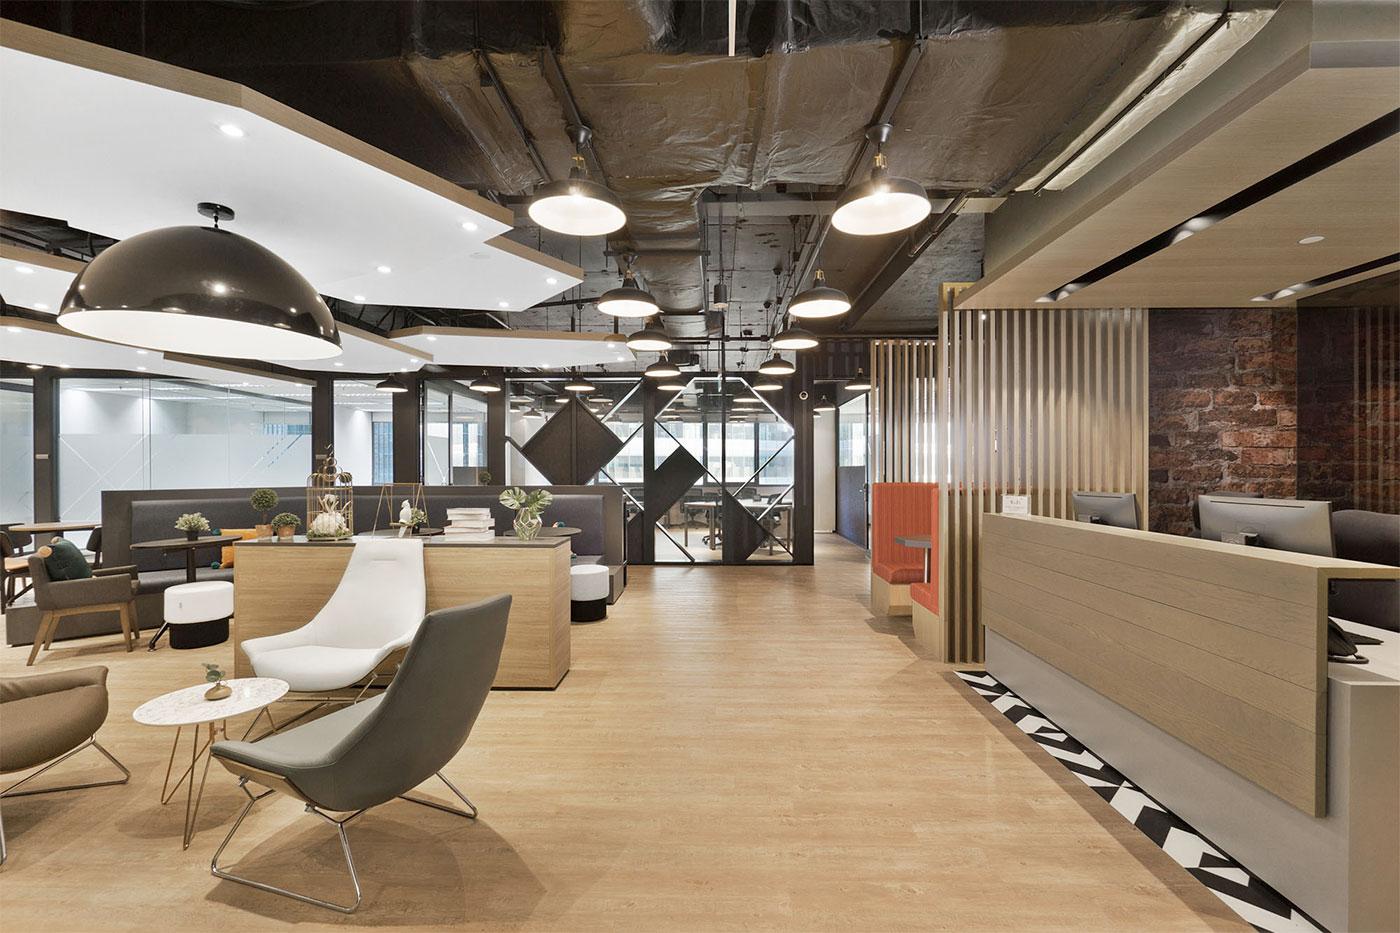 Oficina por horas: ¿la mejor opción en tiempos de COVID?